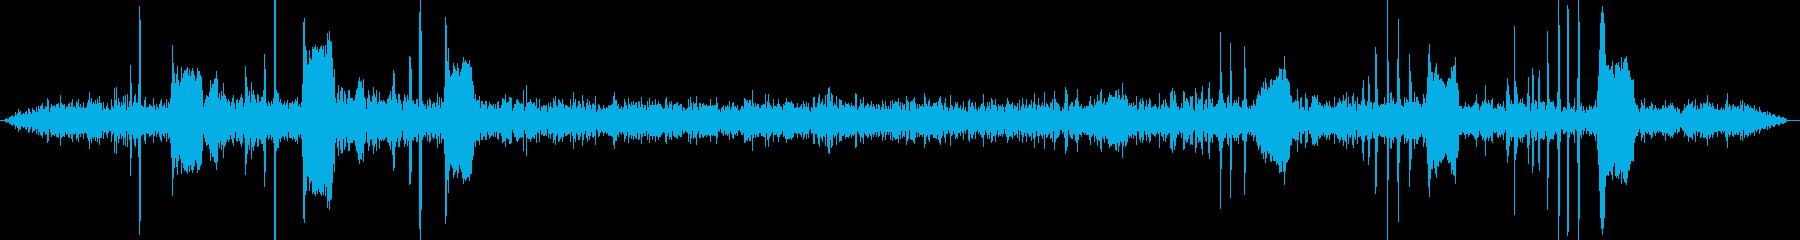 鳩の至近距離録音ですの再生済みの波形